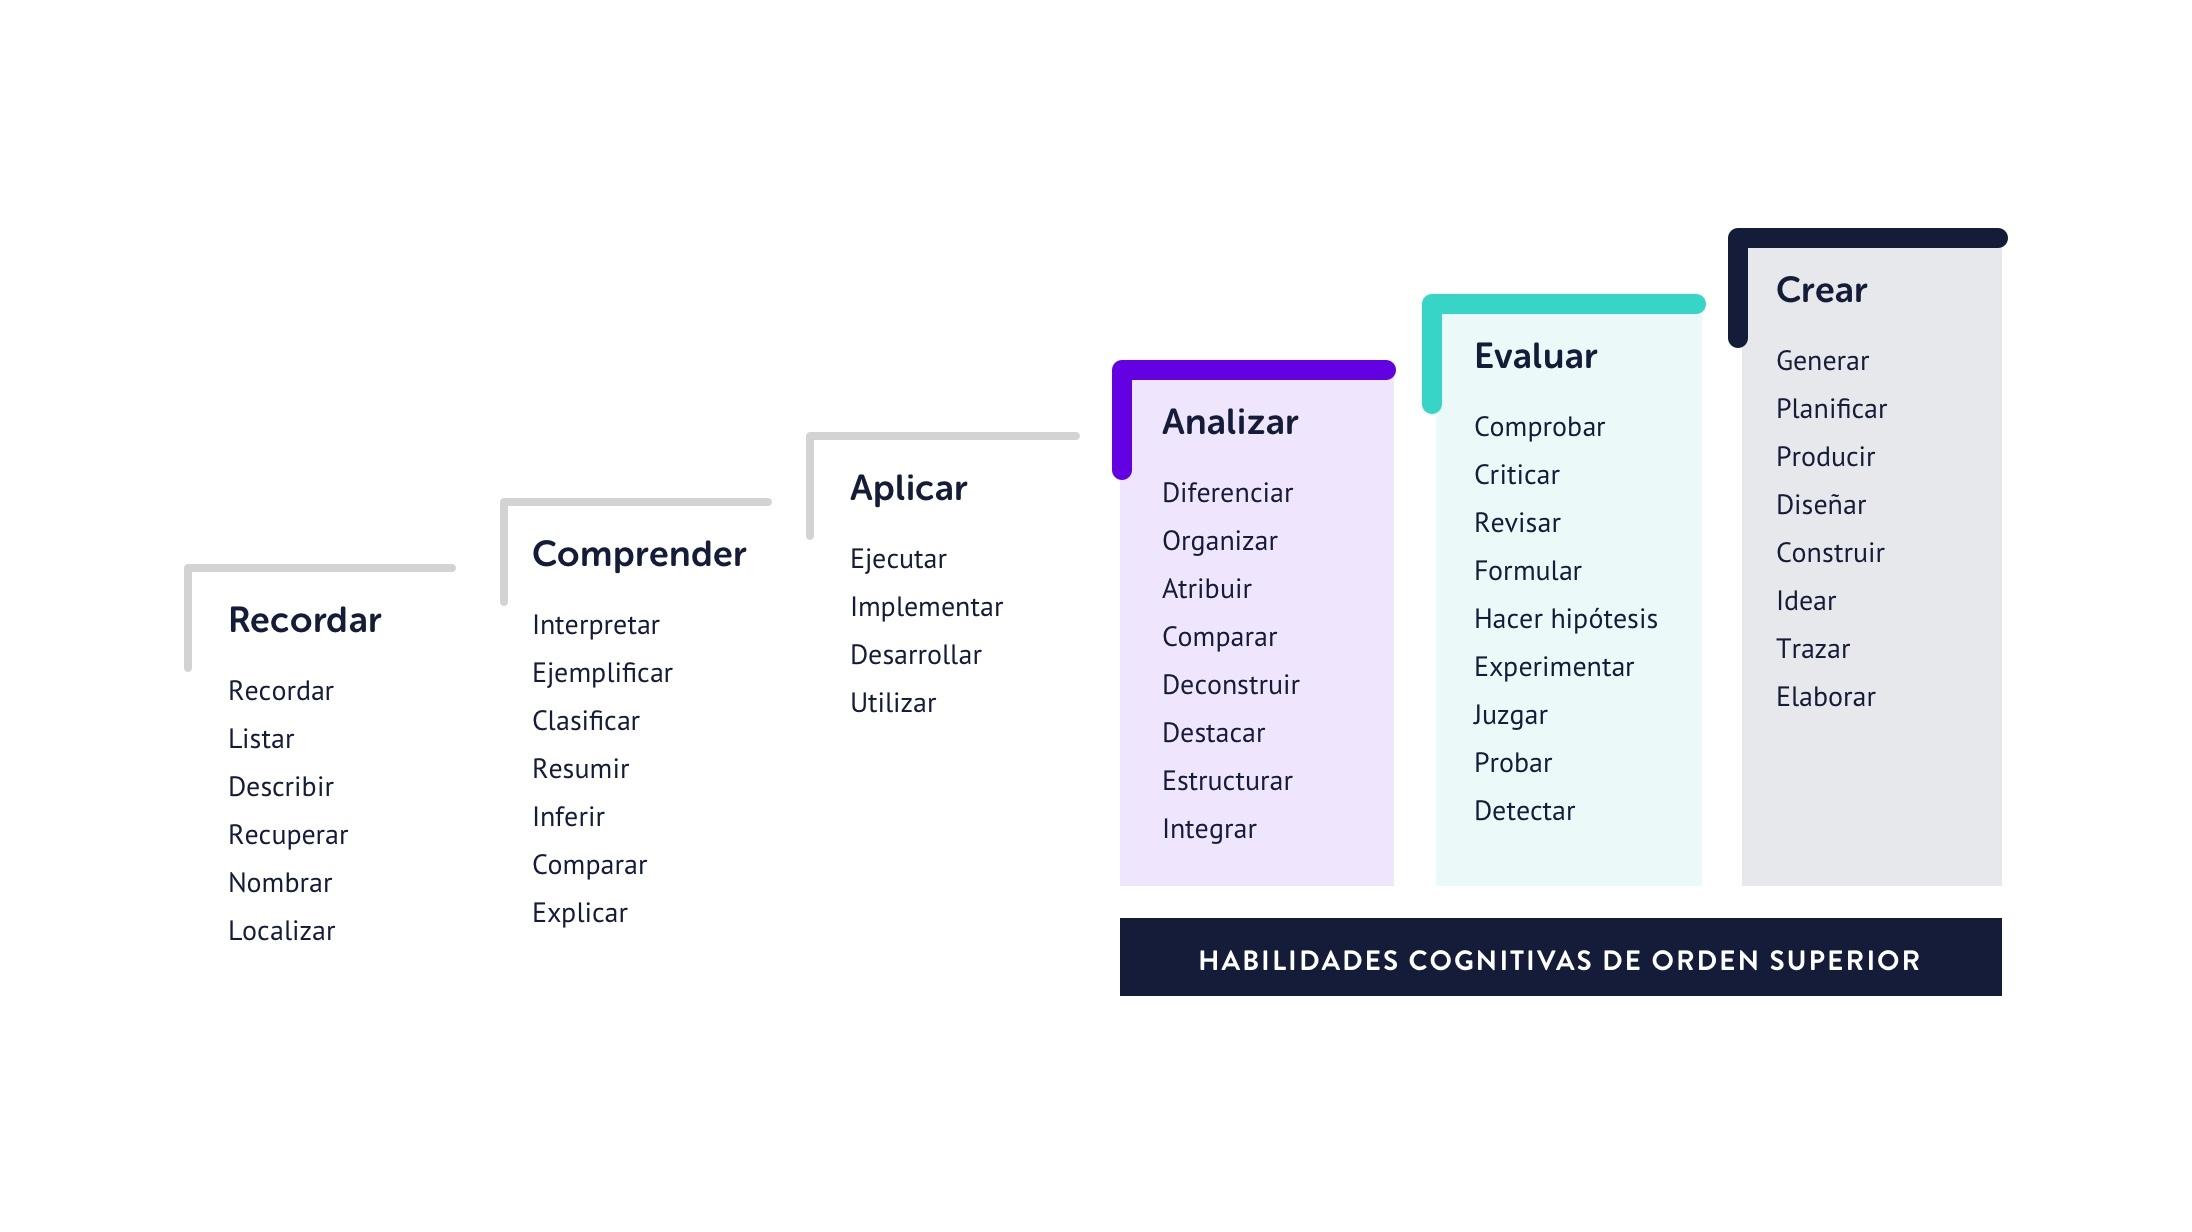 En esta infografía puedes observar la Taxonomía de Bloom estructurada en torno al eje cognitivo, uno de los aspectos que trabaja la teoría.